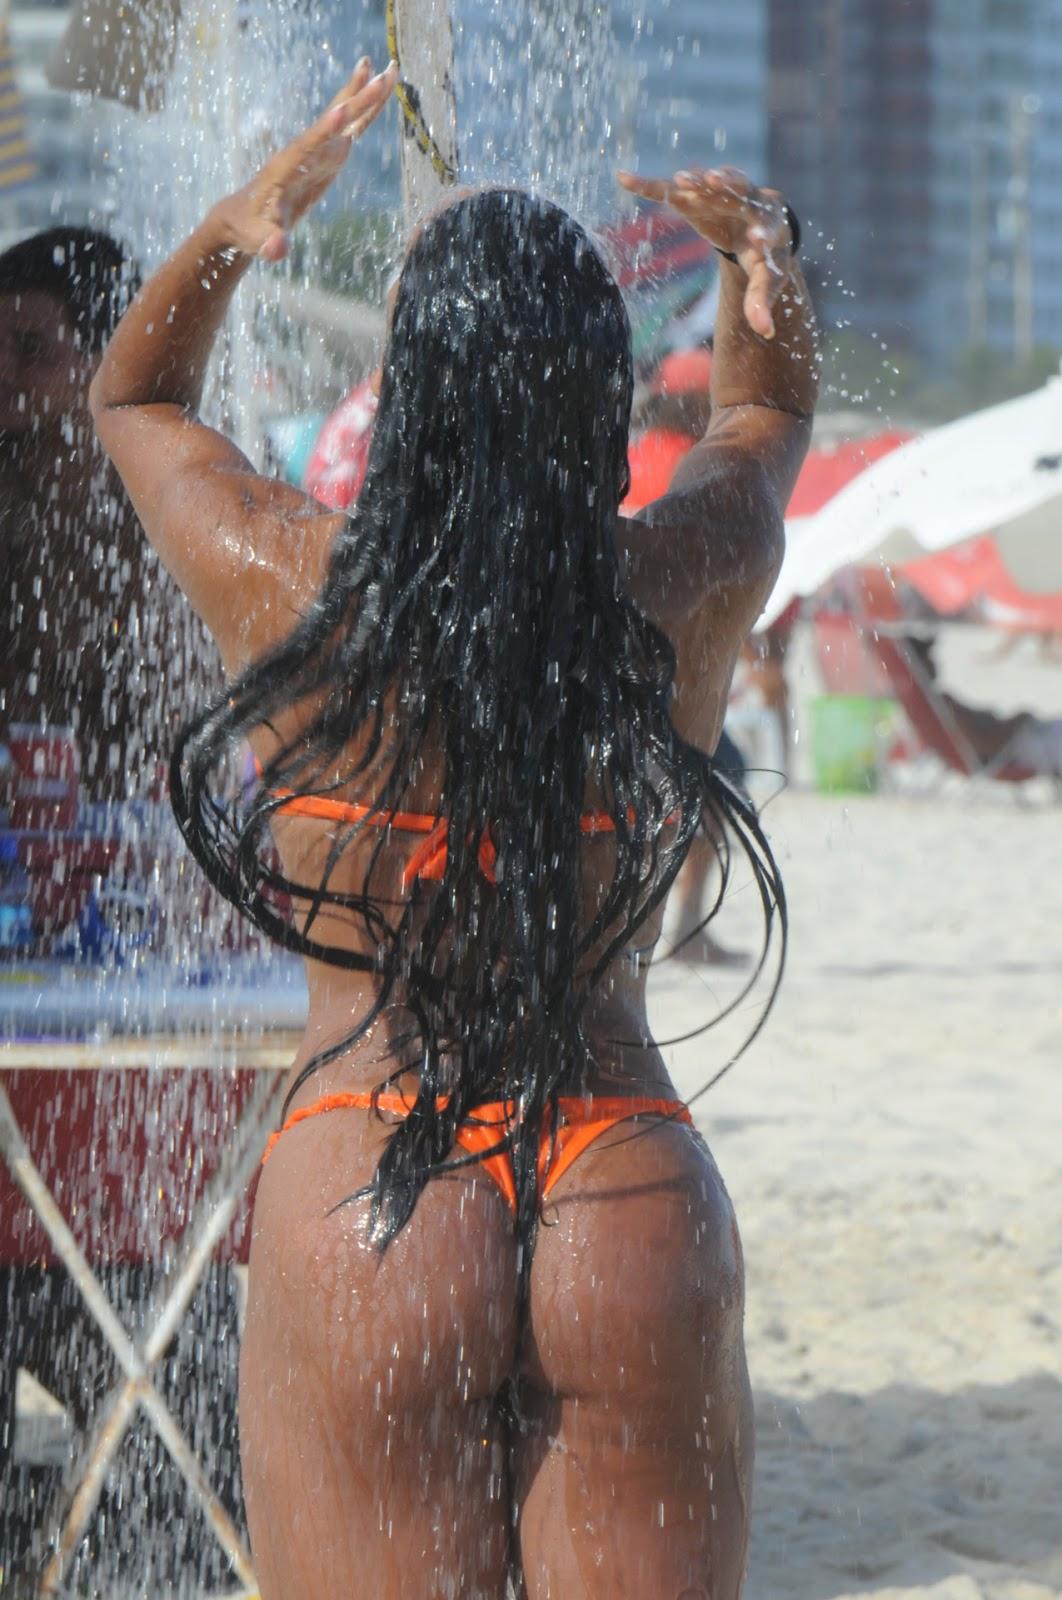 http://4.bp.blogspot.com/-yUQ5mTKH7Po/T0-PcjvHX0I/AAAAAAAARD4/PCQS7jQxxV0/s1600/Brazil-Girl-bikini-babe-1-l1.jpg